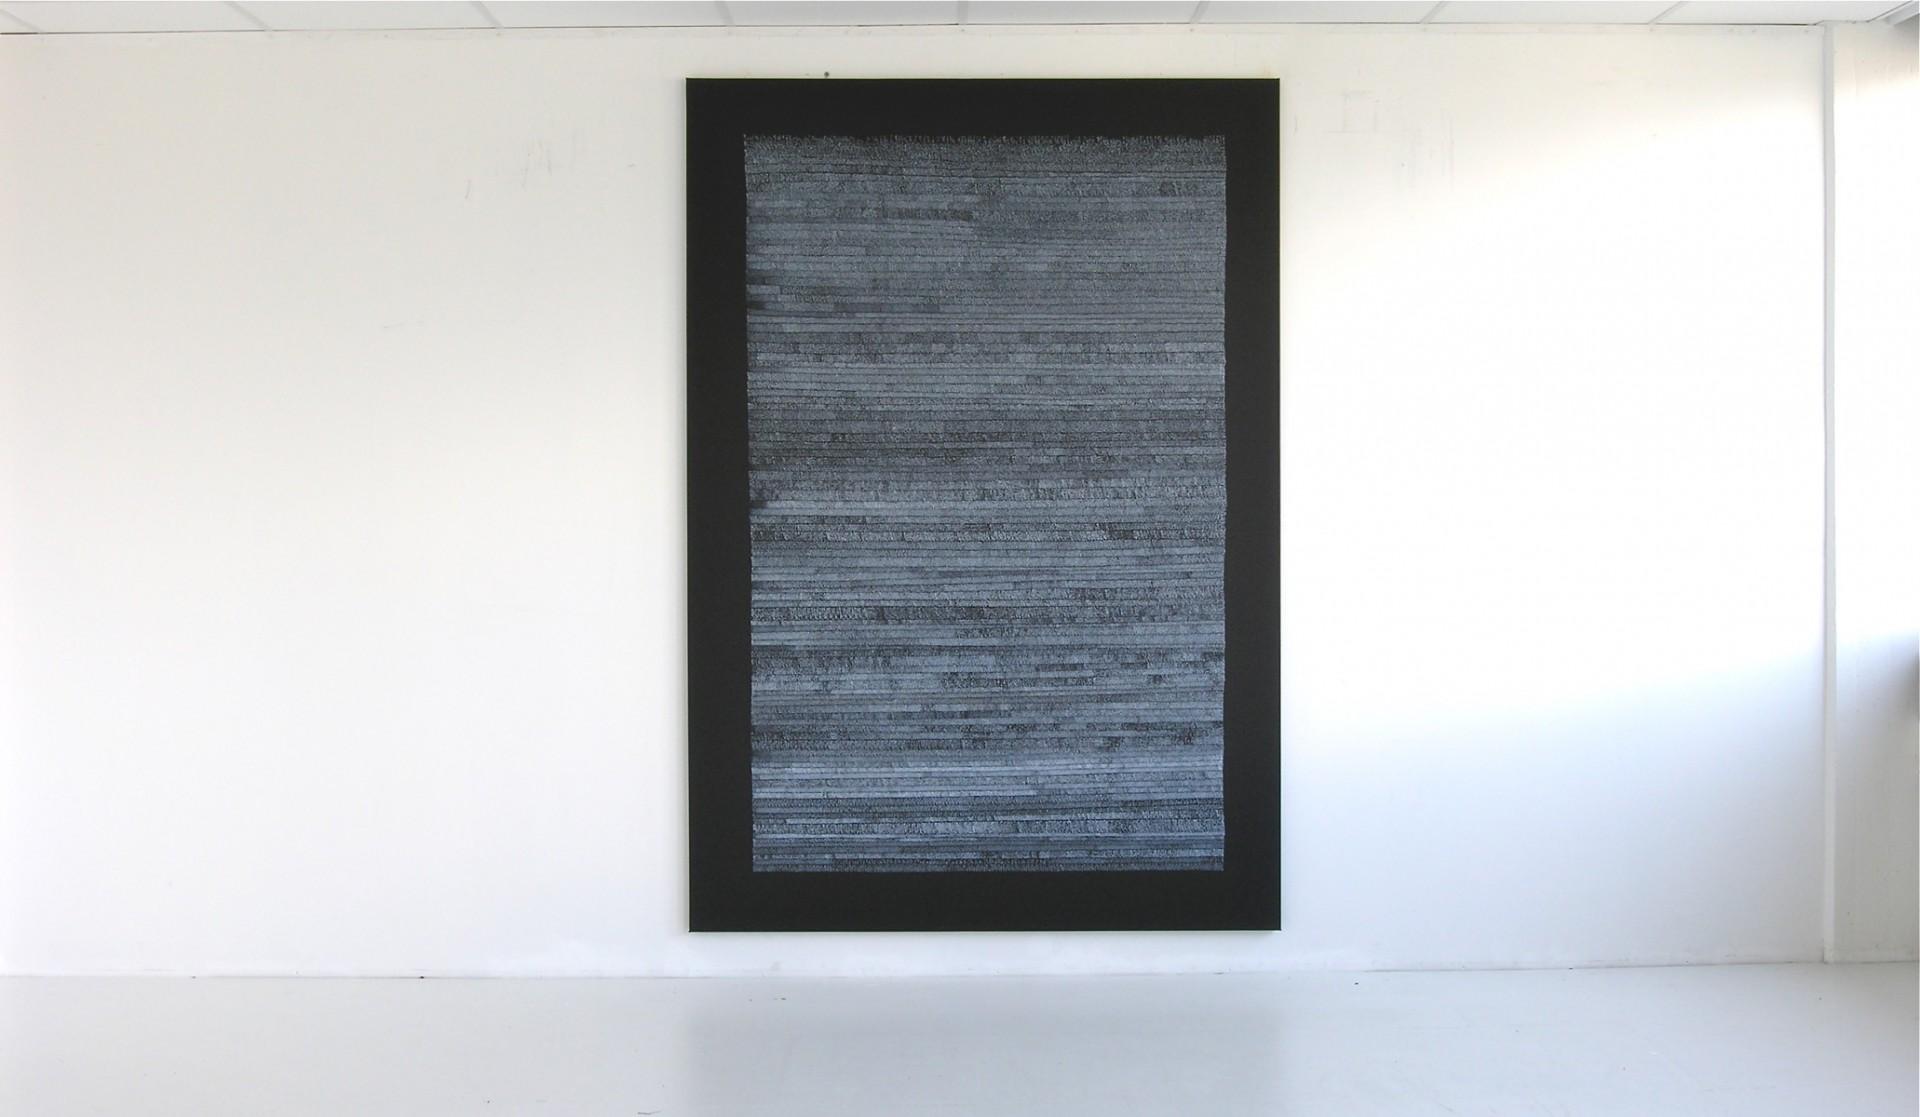 Werk-Nr.963, Acryl auf Leinwand, 230 x 160 cm, 2005